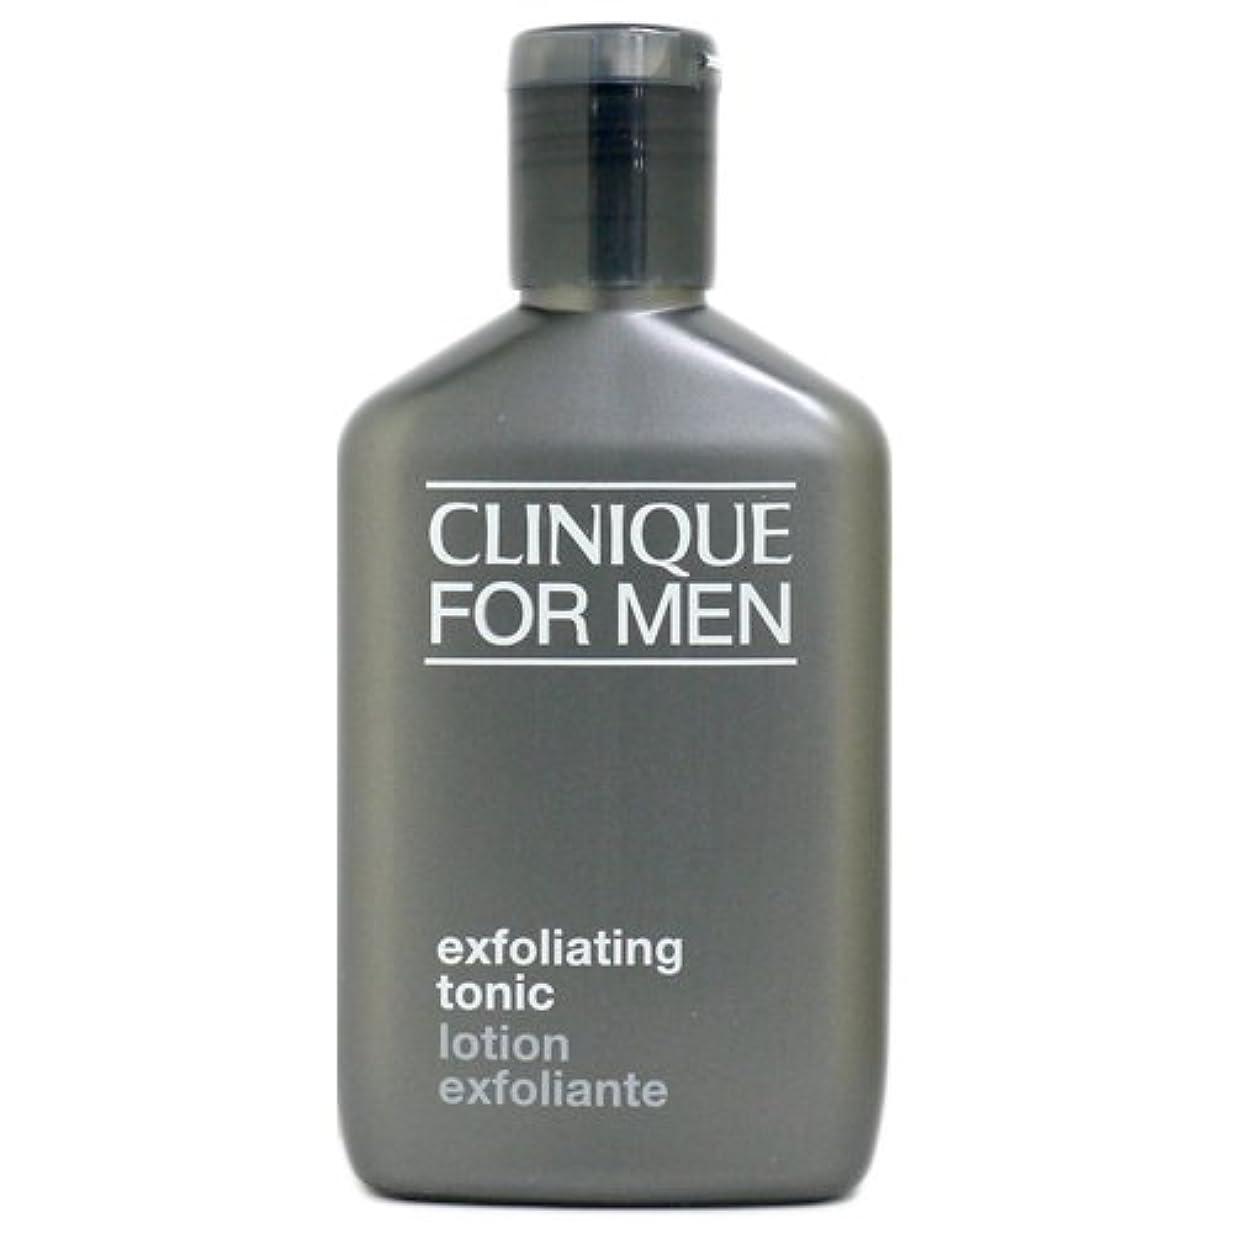 うつ店主沼地クリニークフォーメン(CLINIQUE FOR MEN) エクスフォリエーティング トニック 200ml[並行輸入品]